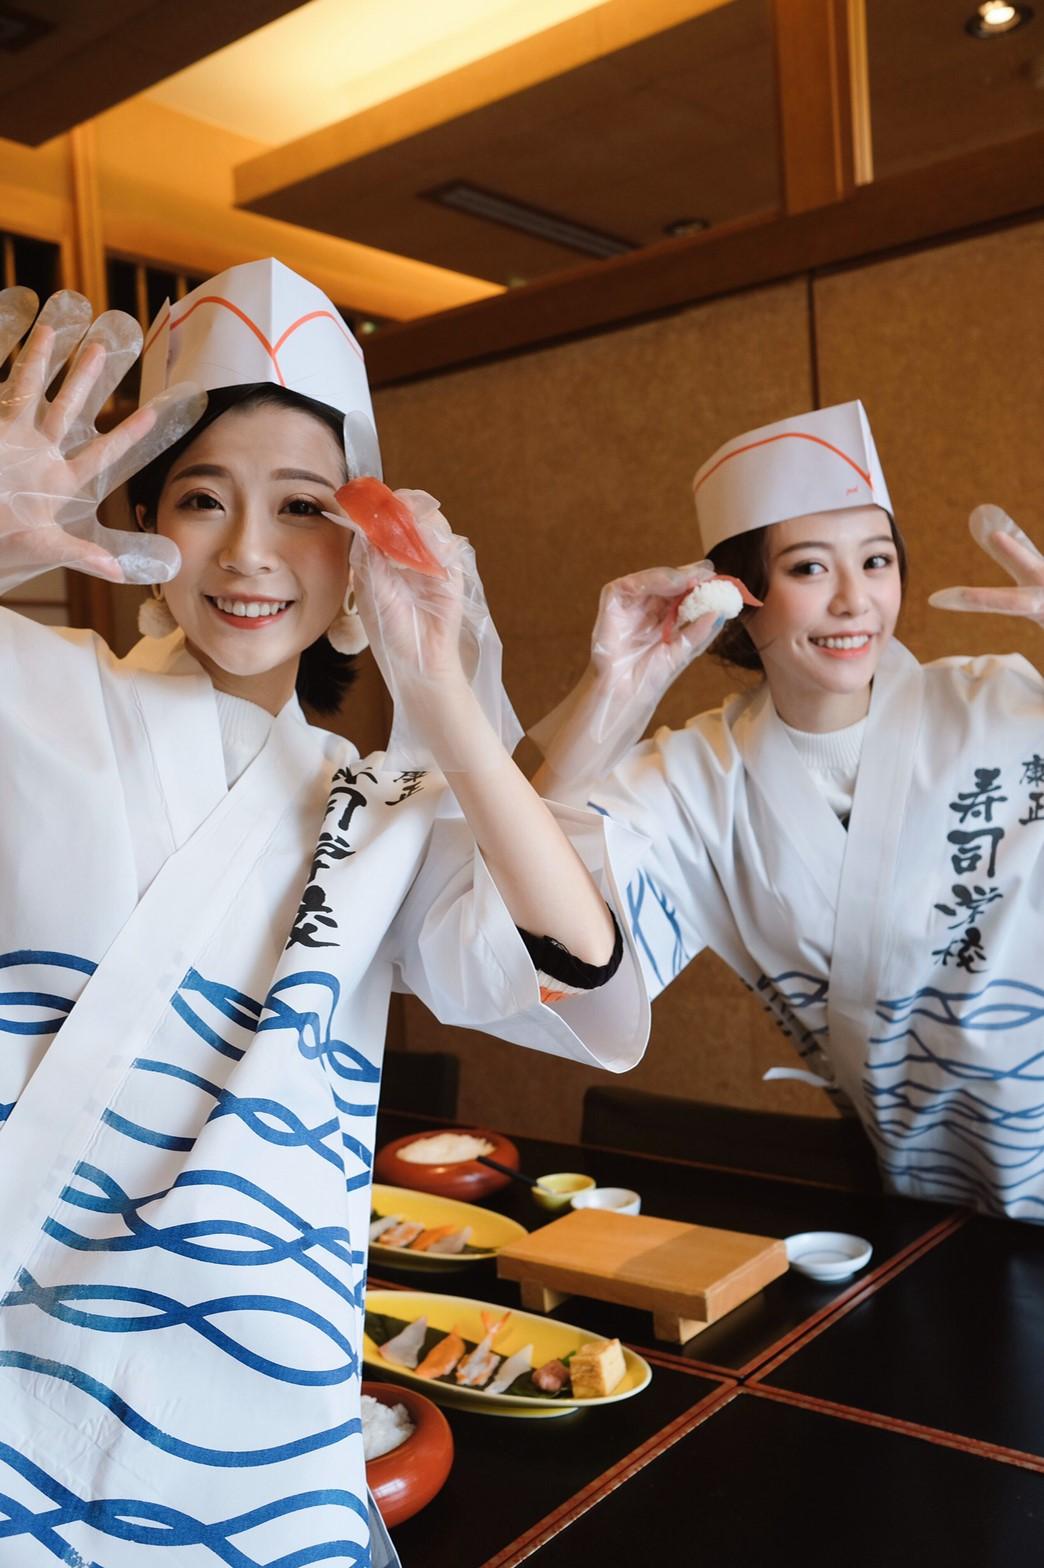 ▲捏壽司初體驗,紀卜心對壽司學校印象深刻。